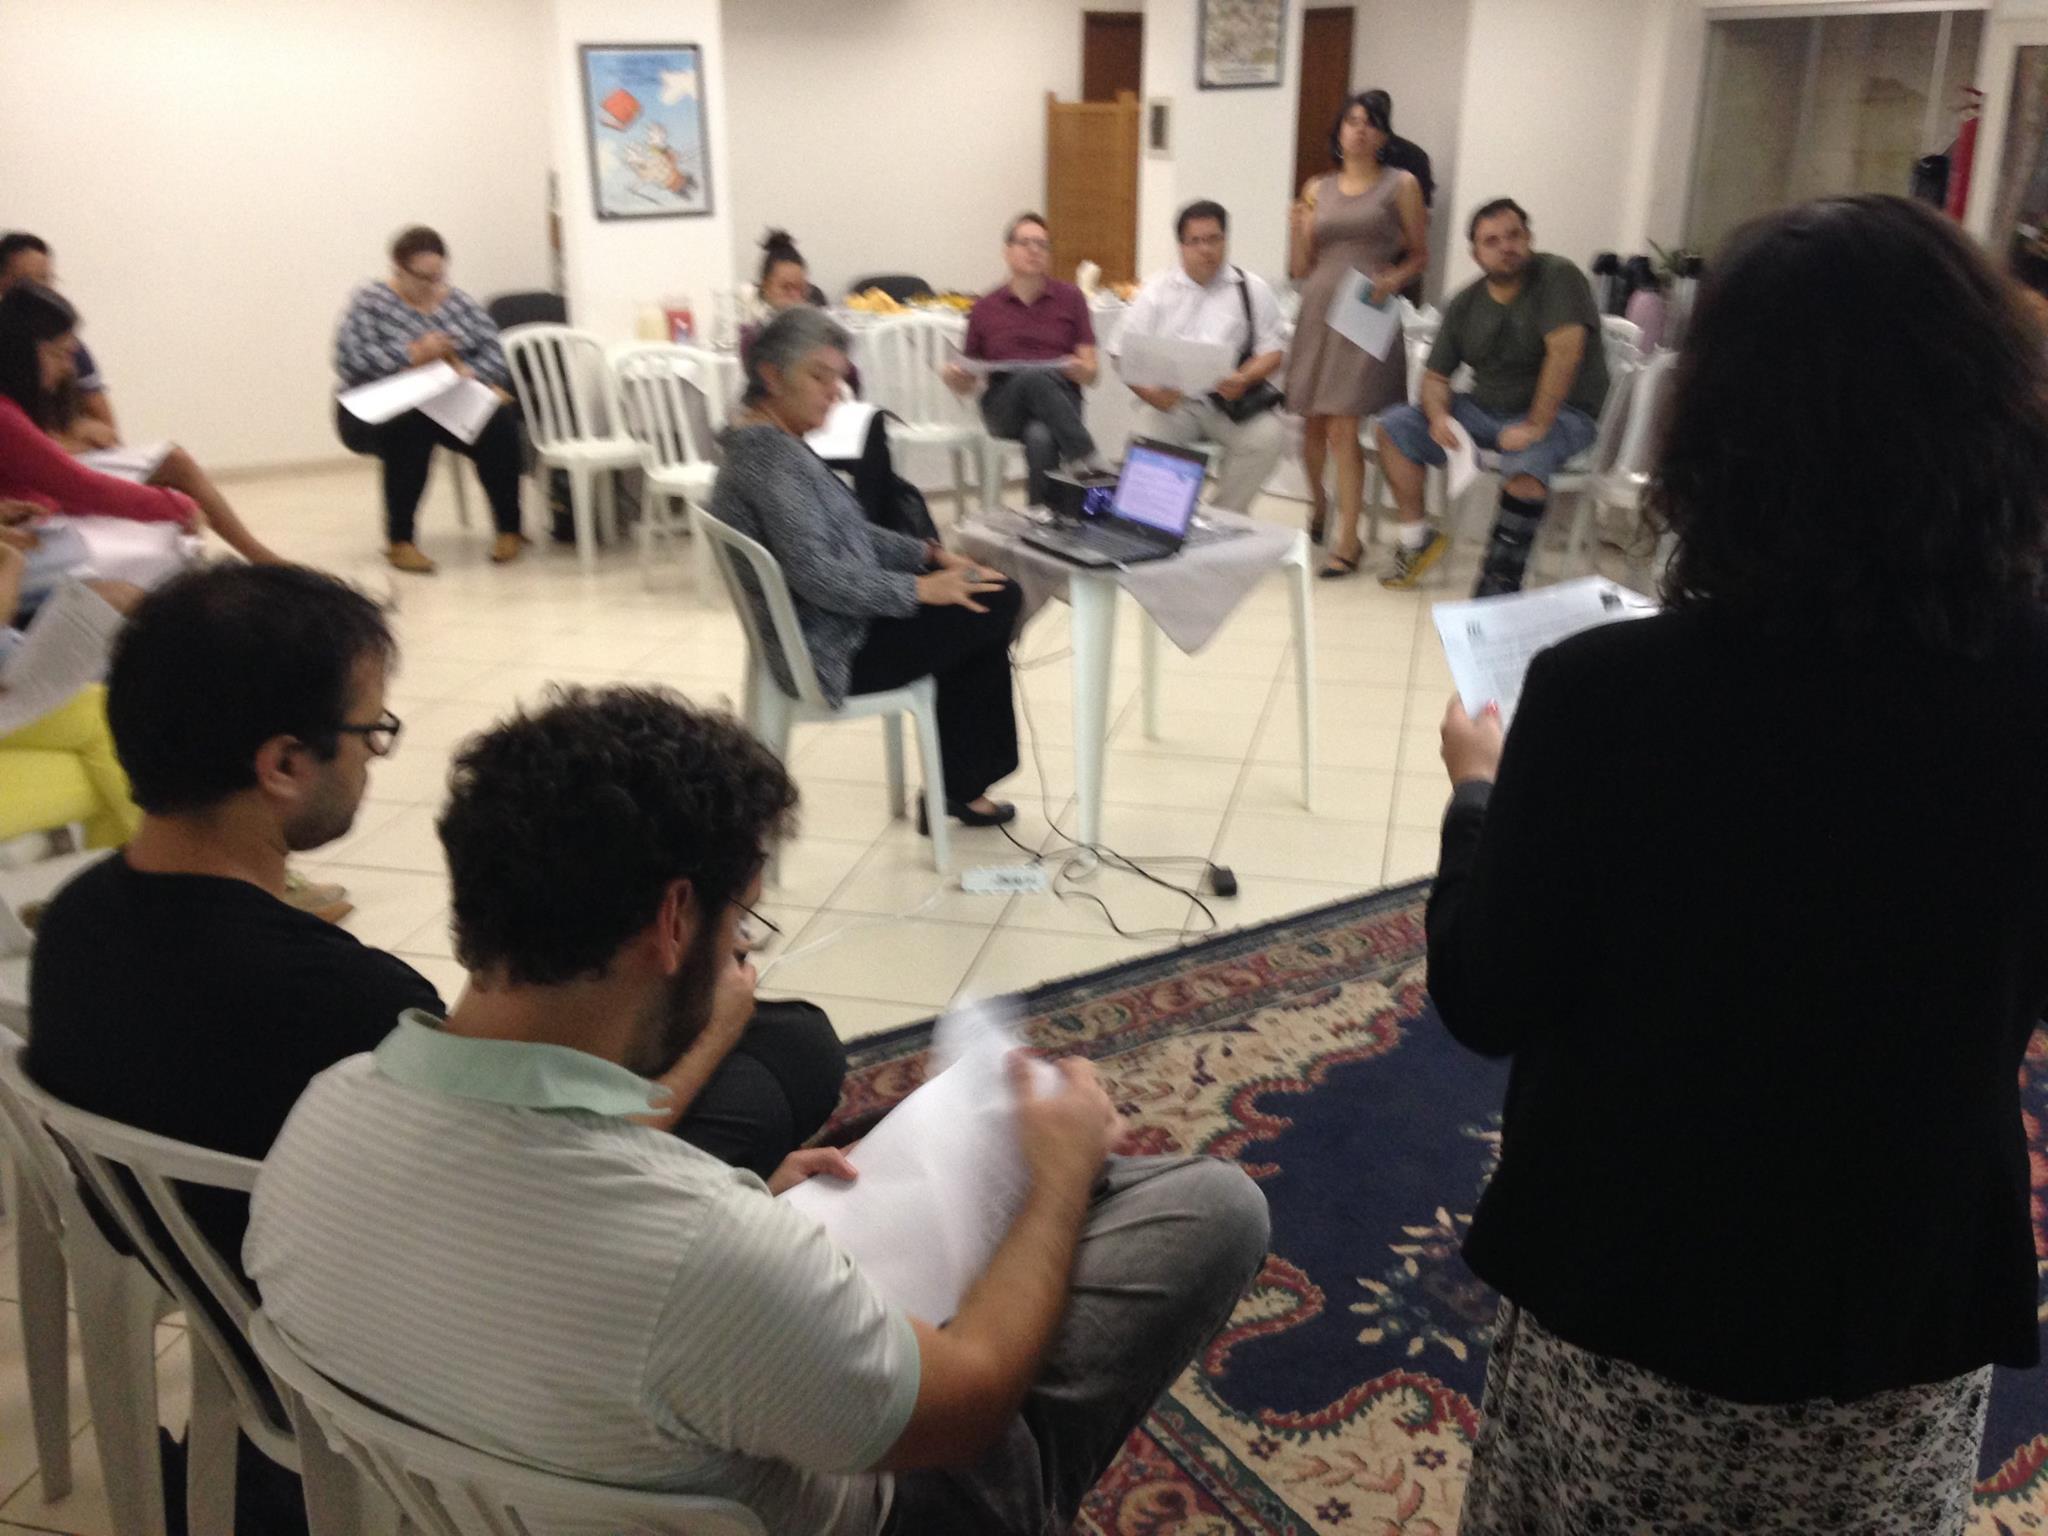 Diálogo convida a saber mais sobre a relação: orçamento & mobilidade